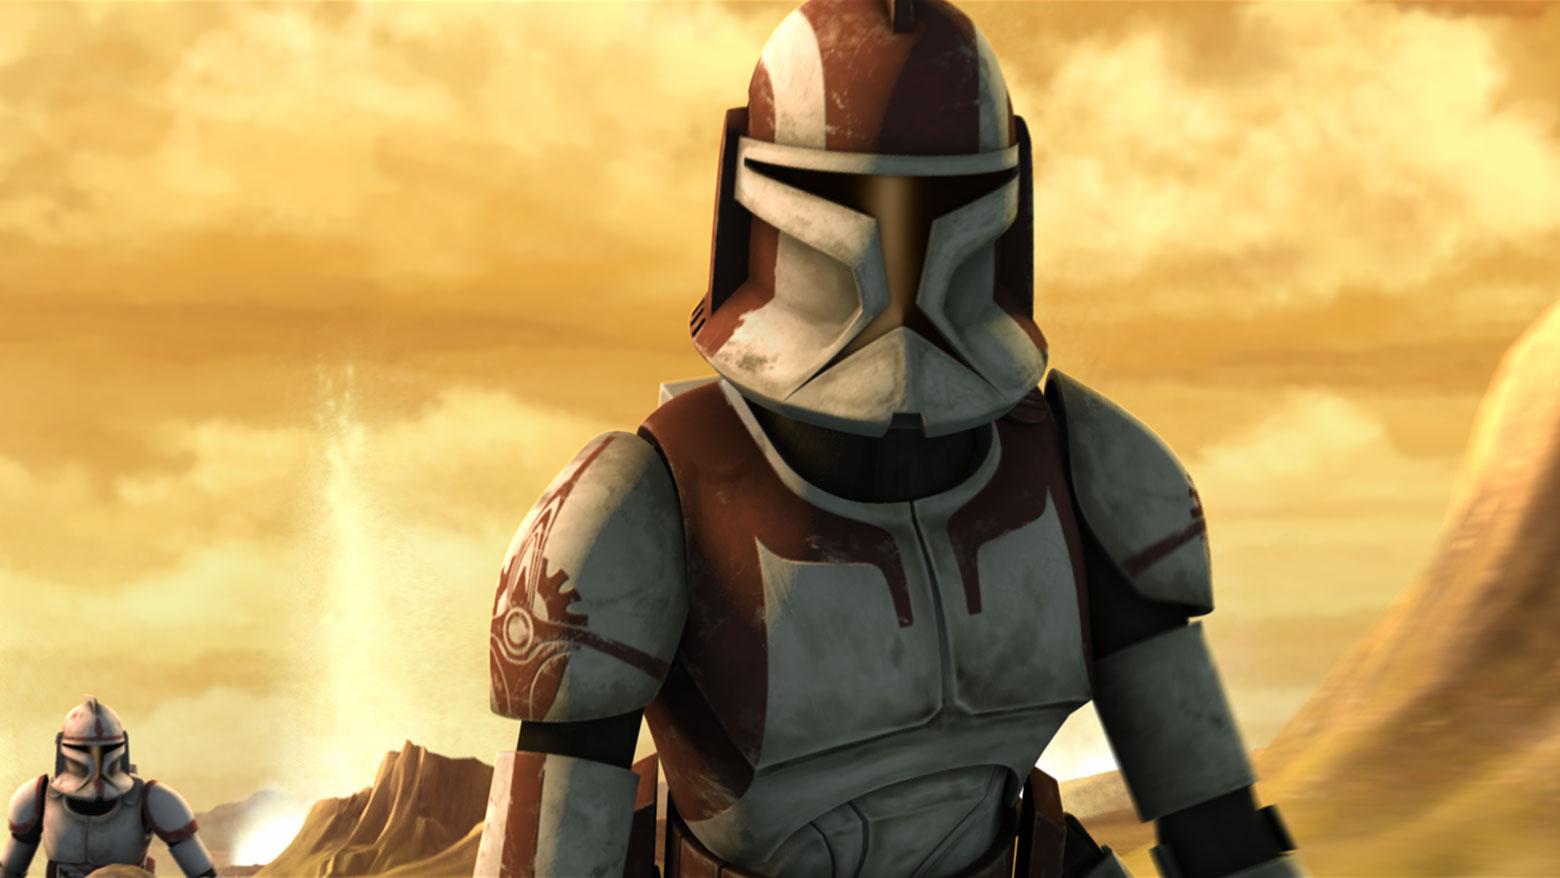 Clone Commander Stone clone commander stone starwars.com